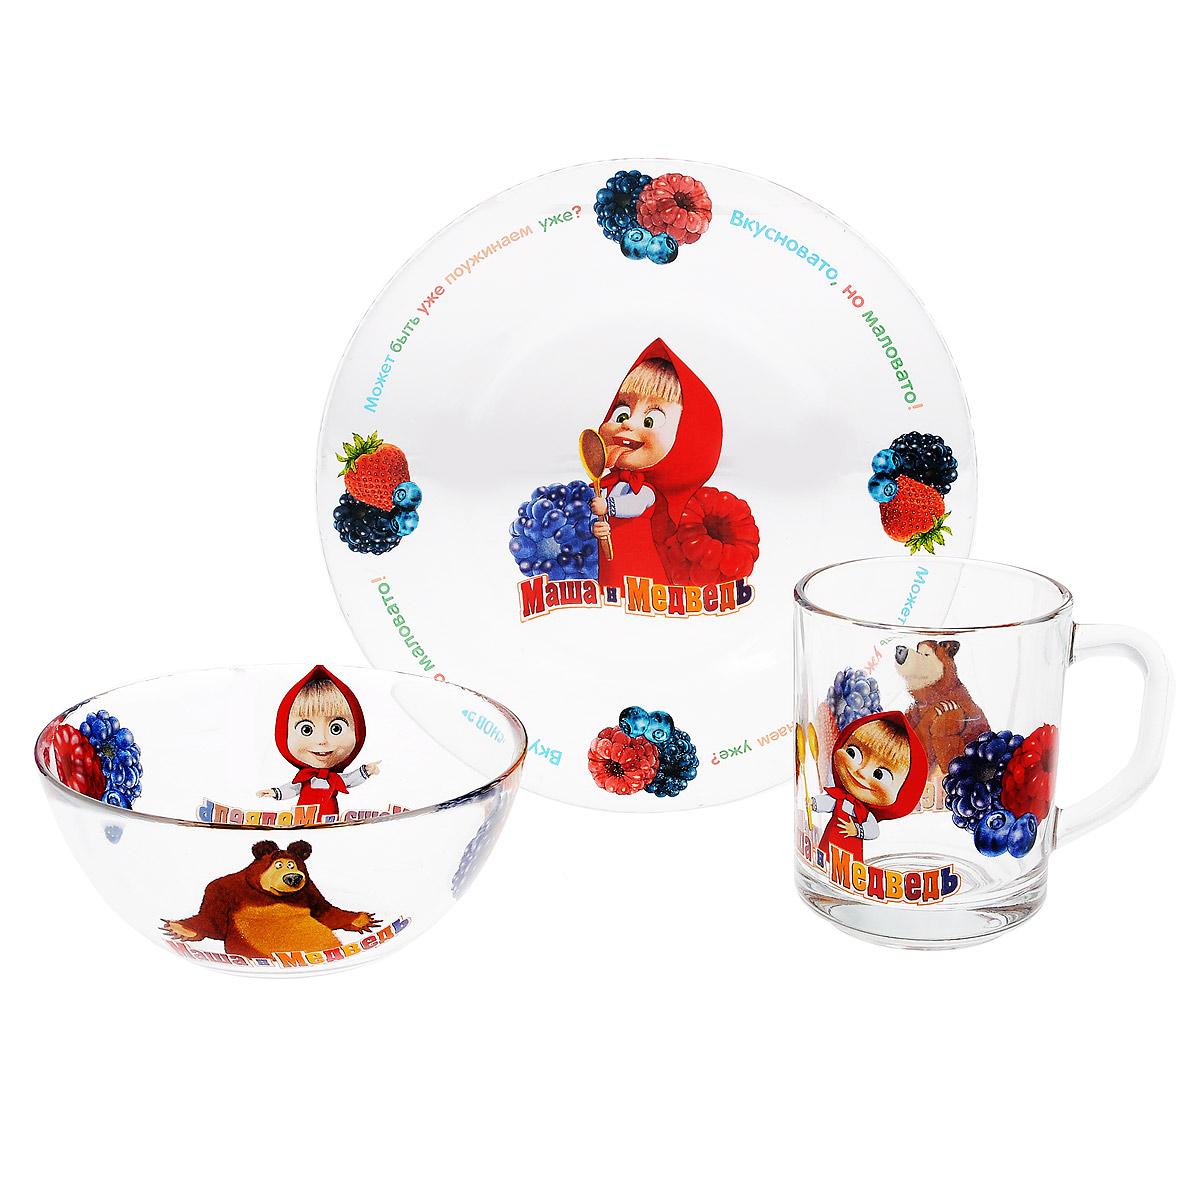 Набор детской посуды Маша и Медведь Лето, 3 предмета9559001Набор детской посуды Маша и Медведь Лето, выполненный из прозрачного стекла, состоит из кружки, тарелки и салатника. Материалы изделий нетоксичны и безопасны для детского здоровья. Изделия оформлены изображением любимых героев популярного мультфильма Маша и Медведь. Детская посуда удобна и увлекательна для вашего малыша. Привычная еда станет более вкусной и приятной, если процесс кормления сопровождать игрой и сказками о любимых героях. Красочная посуда является залогом хорошего настроения и аппетита ваших детей. Пригодна для мытья в посудомоечной машине. Диаметр тарелка: 19,5 см. Диаметр салатника: 12,5 см. Высота салатника: 5,5 см. Объем кружки: 250 мл. Диаметр кружки (по верхнему краю): 7 см. Высота кружки: 9 см.